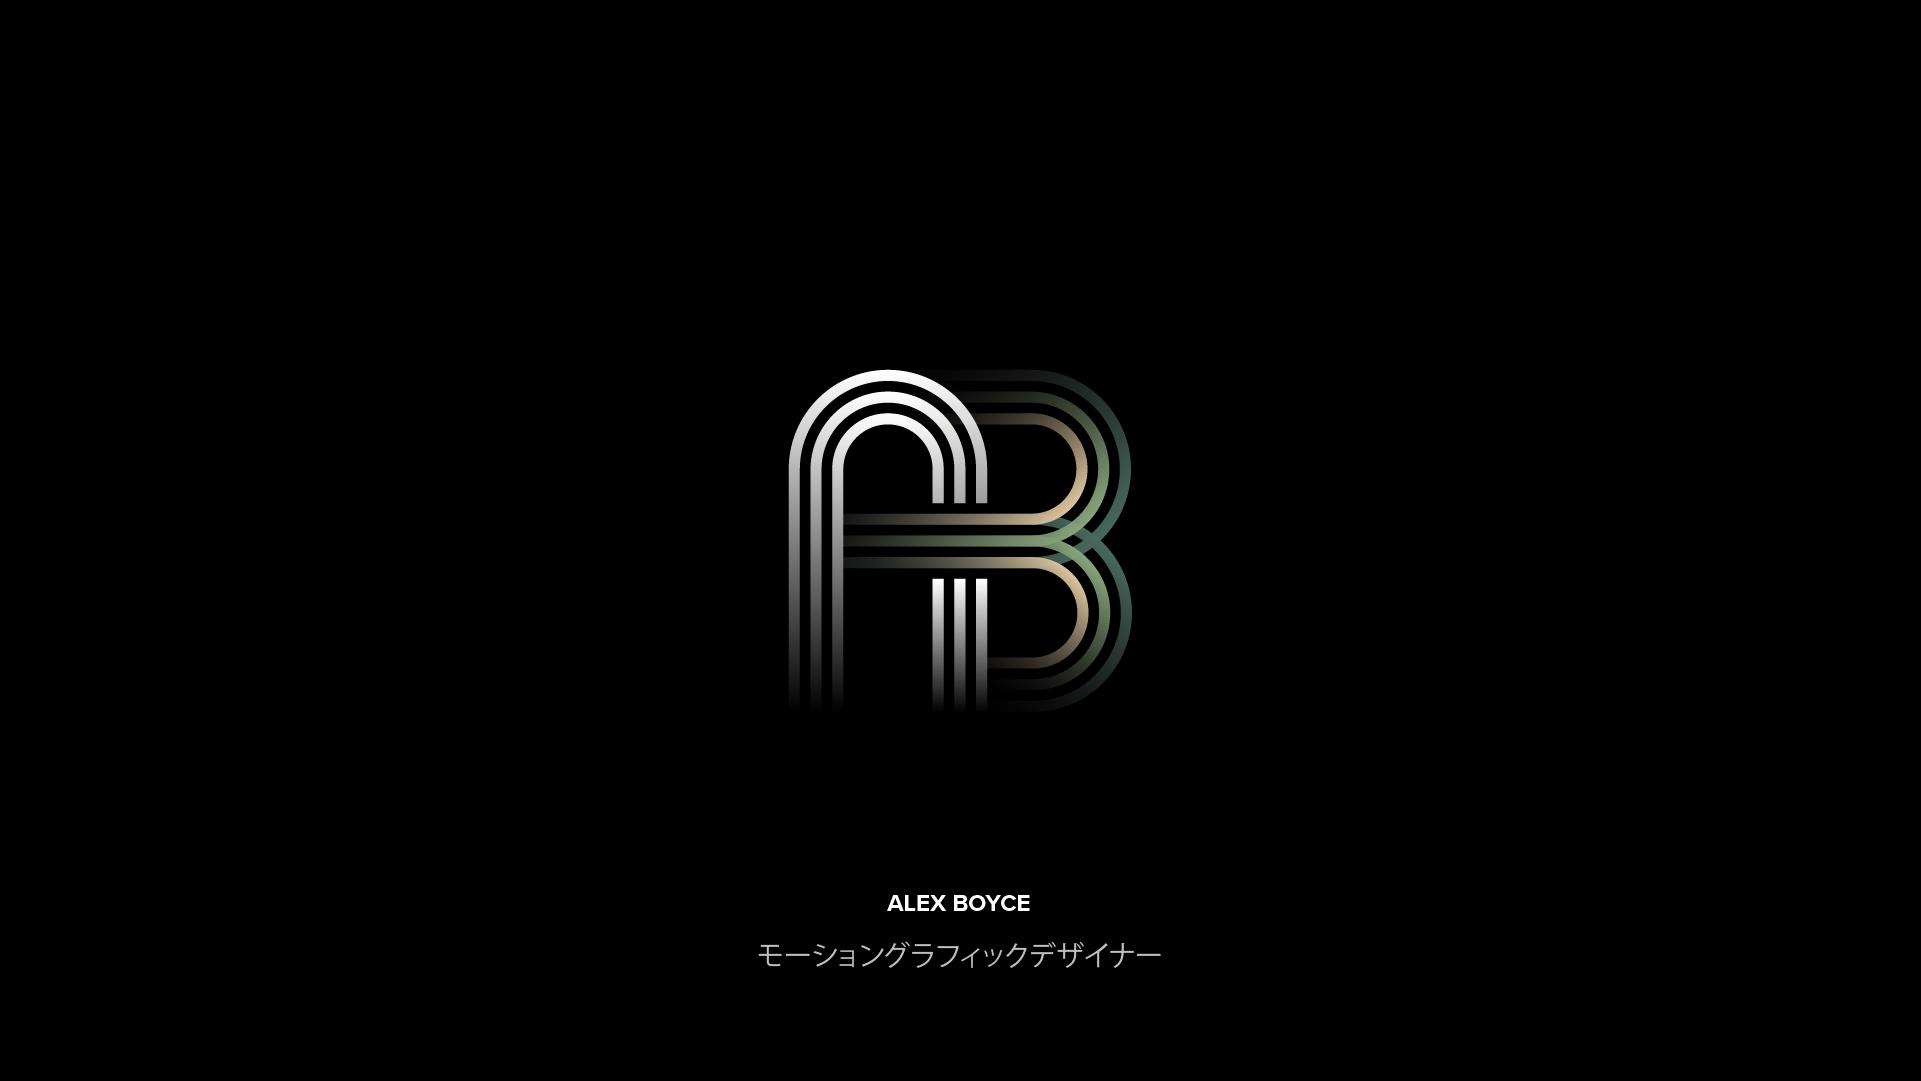 AB_Rebrand_v017-03.jpg